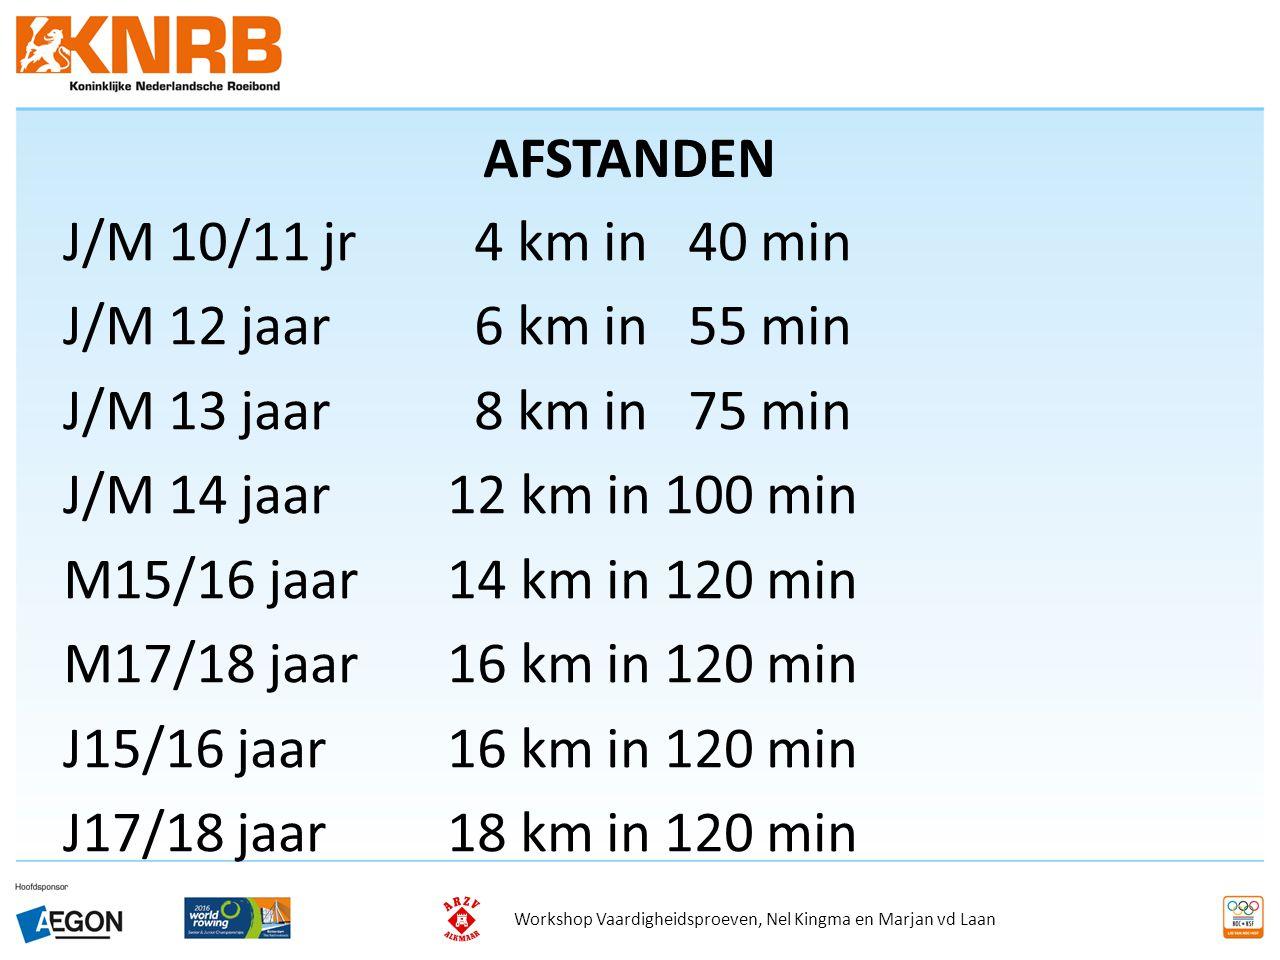 AFSTANDEN J/M 10/11 jr 4 km in 40 min J/M 12 jaar 6 km in 55 min J/M 13 jaar 8 km in 75 min J/M 14 jaar12 km in 100 min M15/16 jaar14 km in 120 min M17/18 jaar16 km in 120 min J15/16 jaar16 km in 120 min J17/18 jaar18 km in 120 min Workshop Vaardigheidsproeven, Nel Kingma en Marjan vd Laan